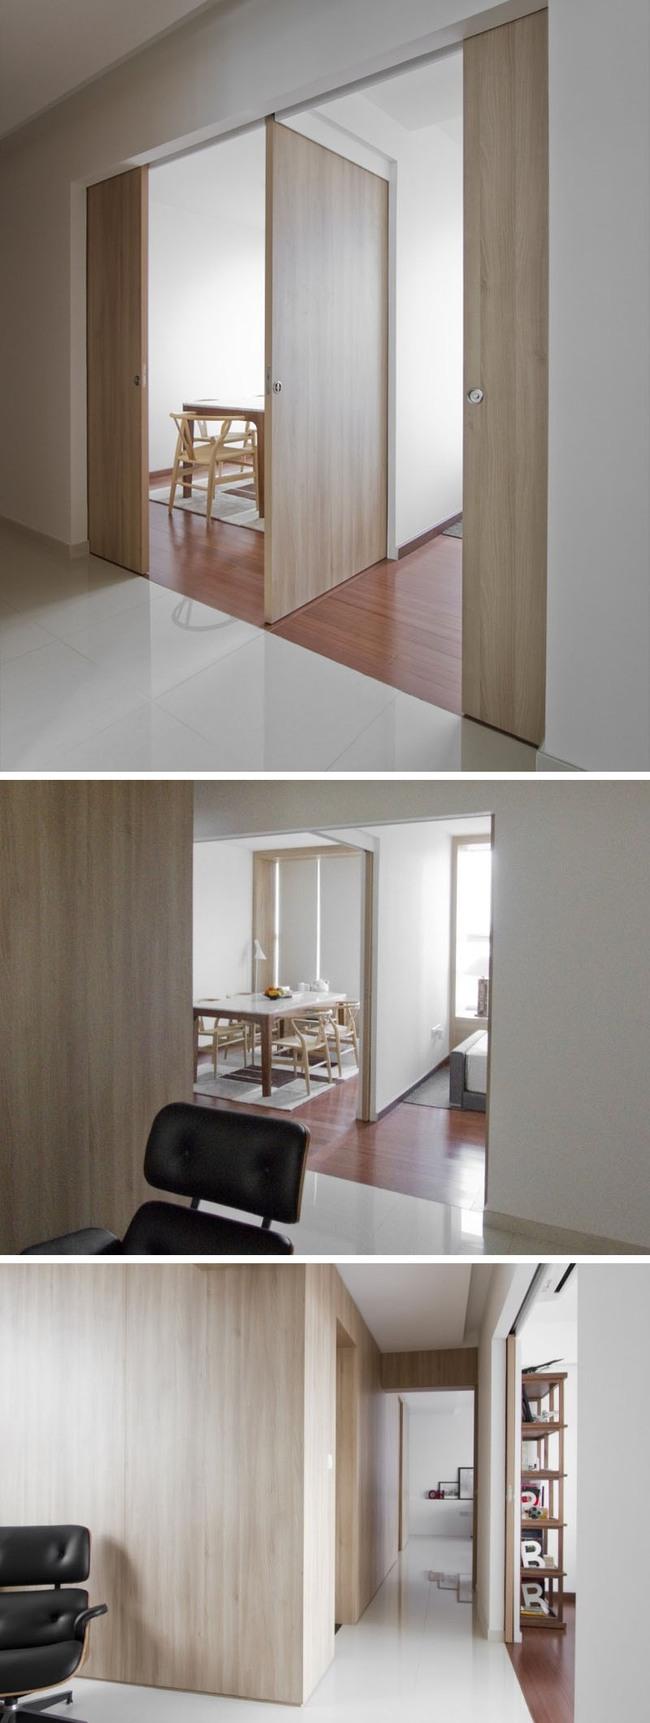 Hé lộ 5 mẫu cửa sẽ soán ngôi kiểu cánh cửa truyền thống trong thời gian tới - Ảnh 1.